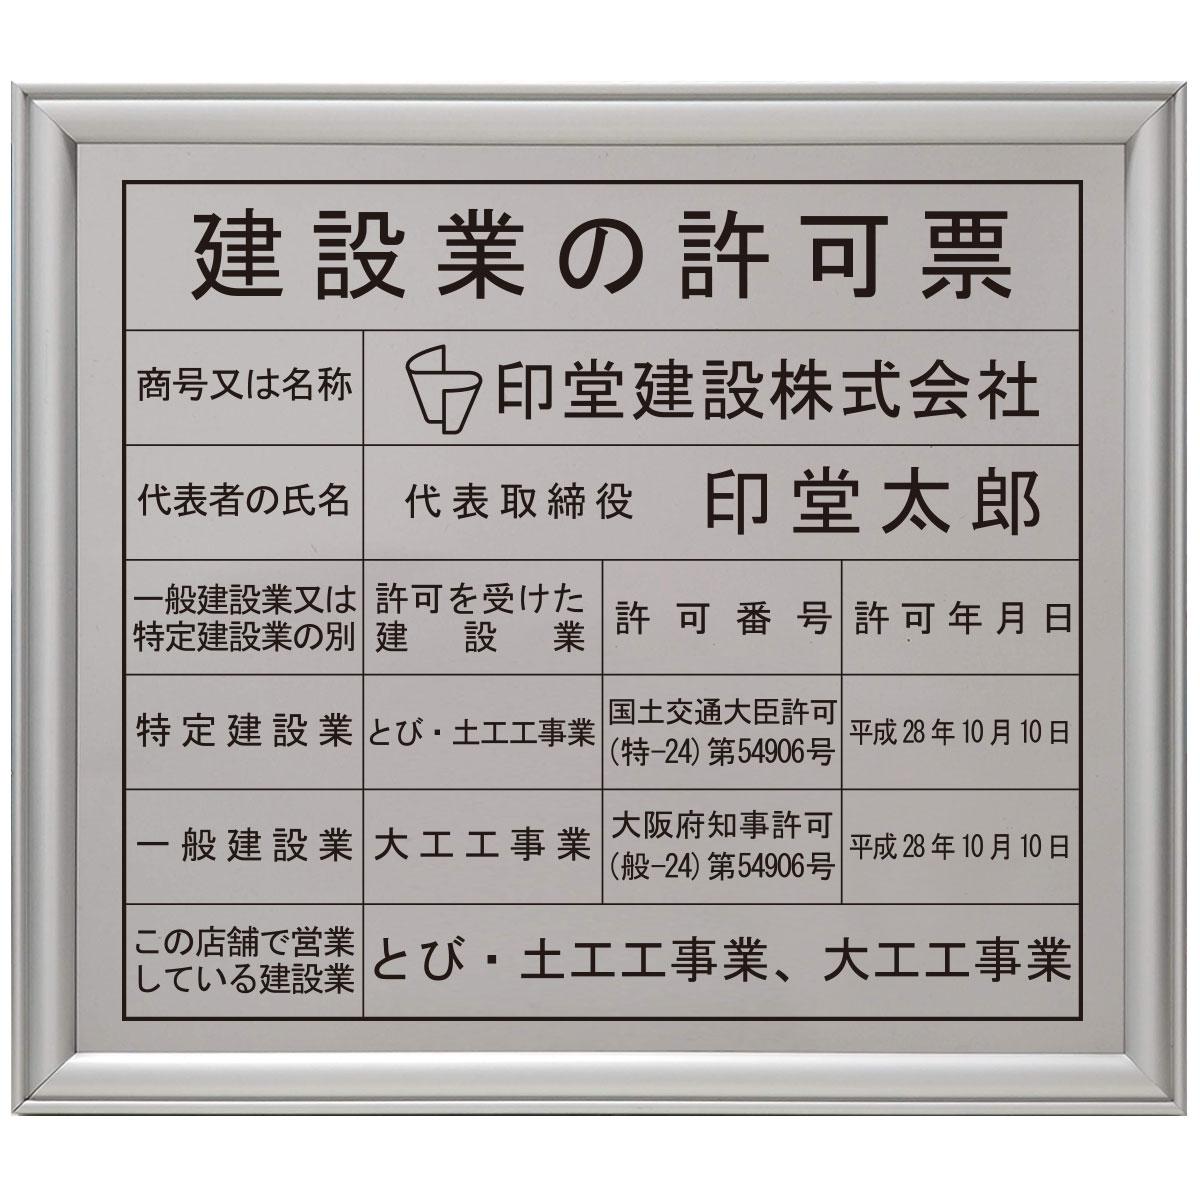 建設業許可票ステンレス(SUS304)製プレミアムシルバー/ 店舗 事務所用看板 文字入れ 名入れ 別注品 特注品 看板 法定看板 許可票 建設業の許可票